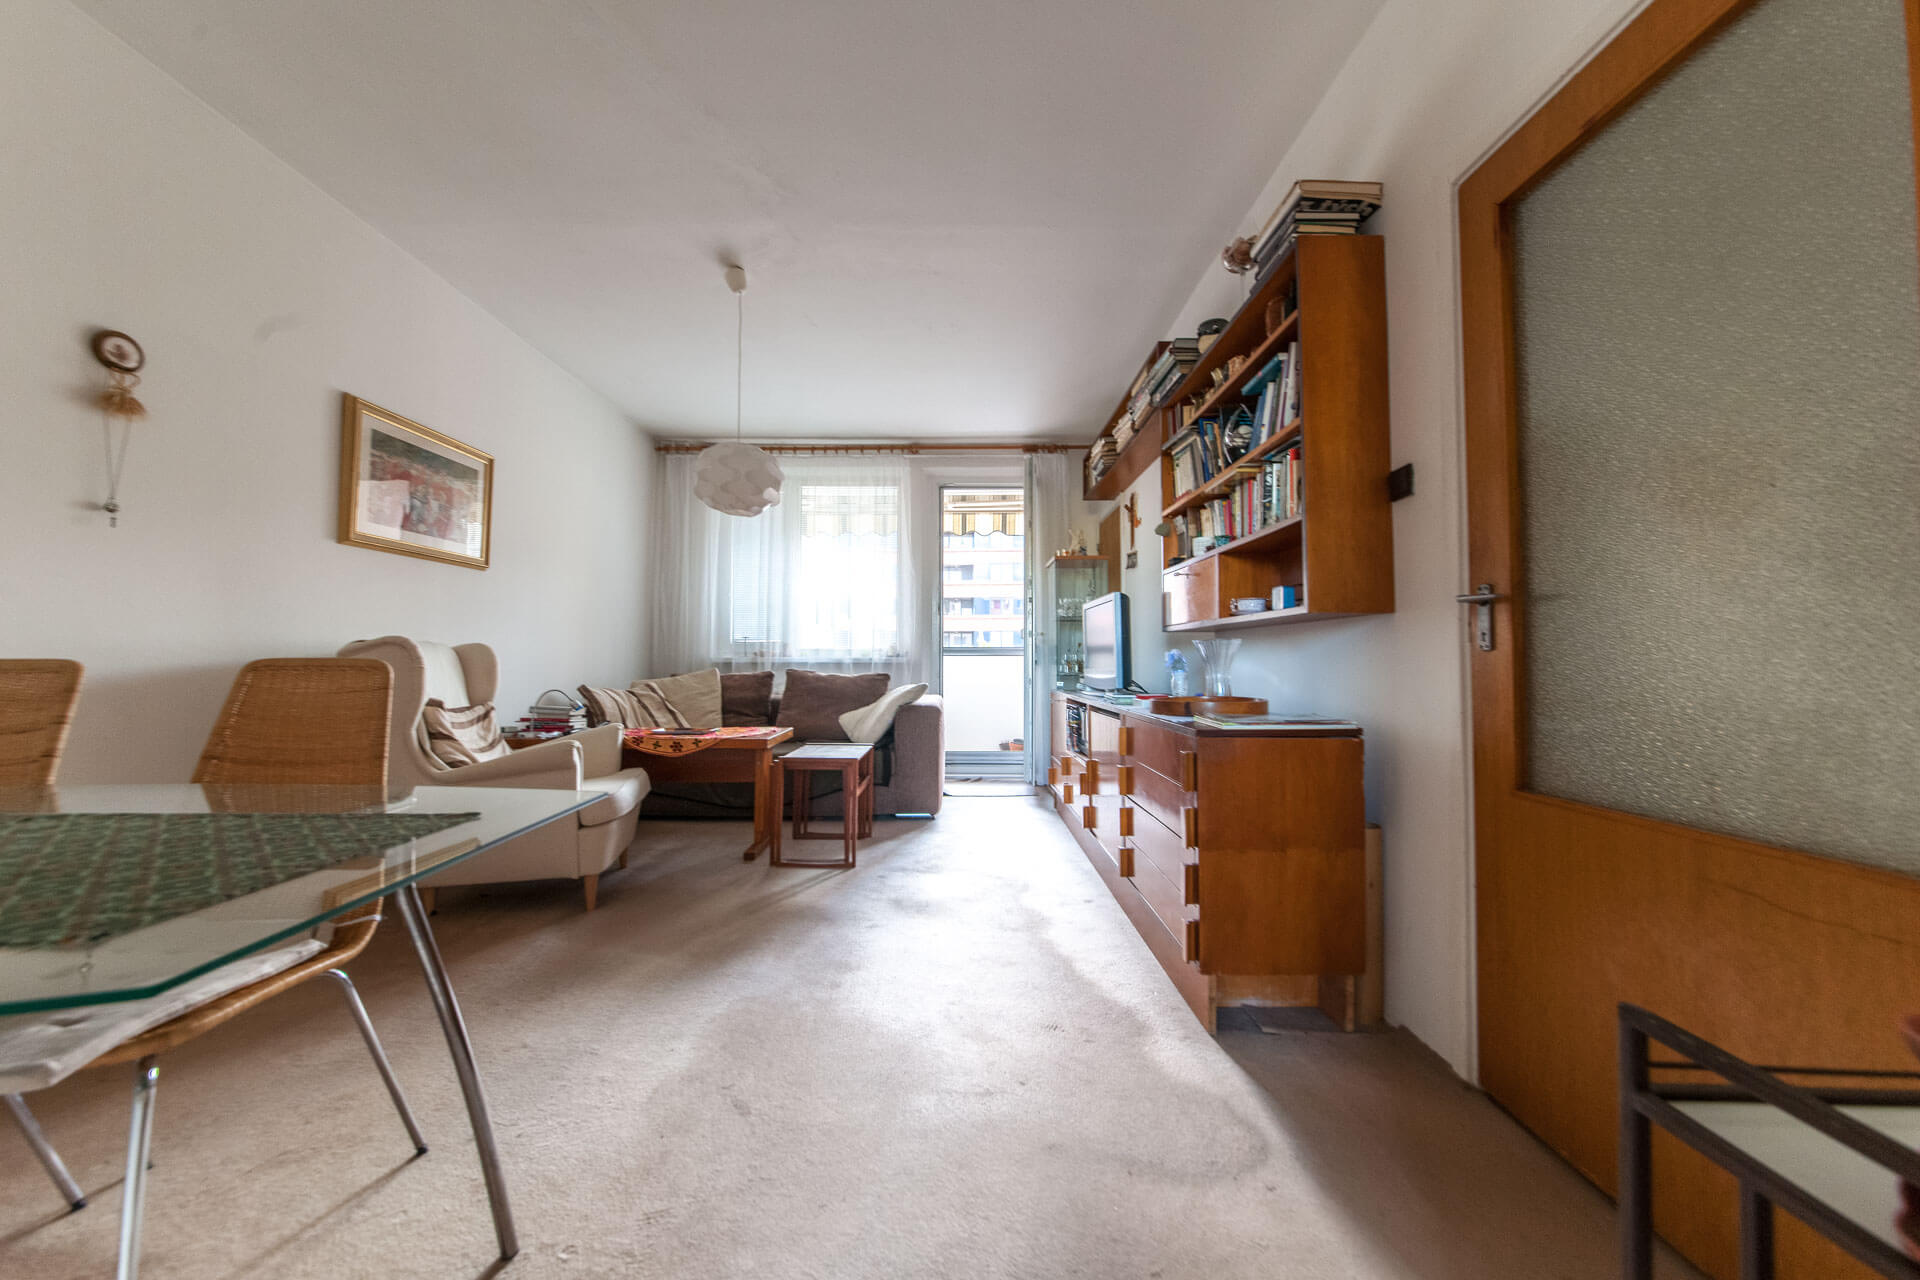 Predané – 4 izbový byt po čiastočnej rekonštrukcii s krásnym výhľadom 73m2 + 4m2 loggia-1